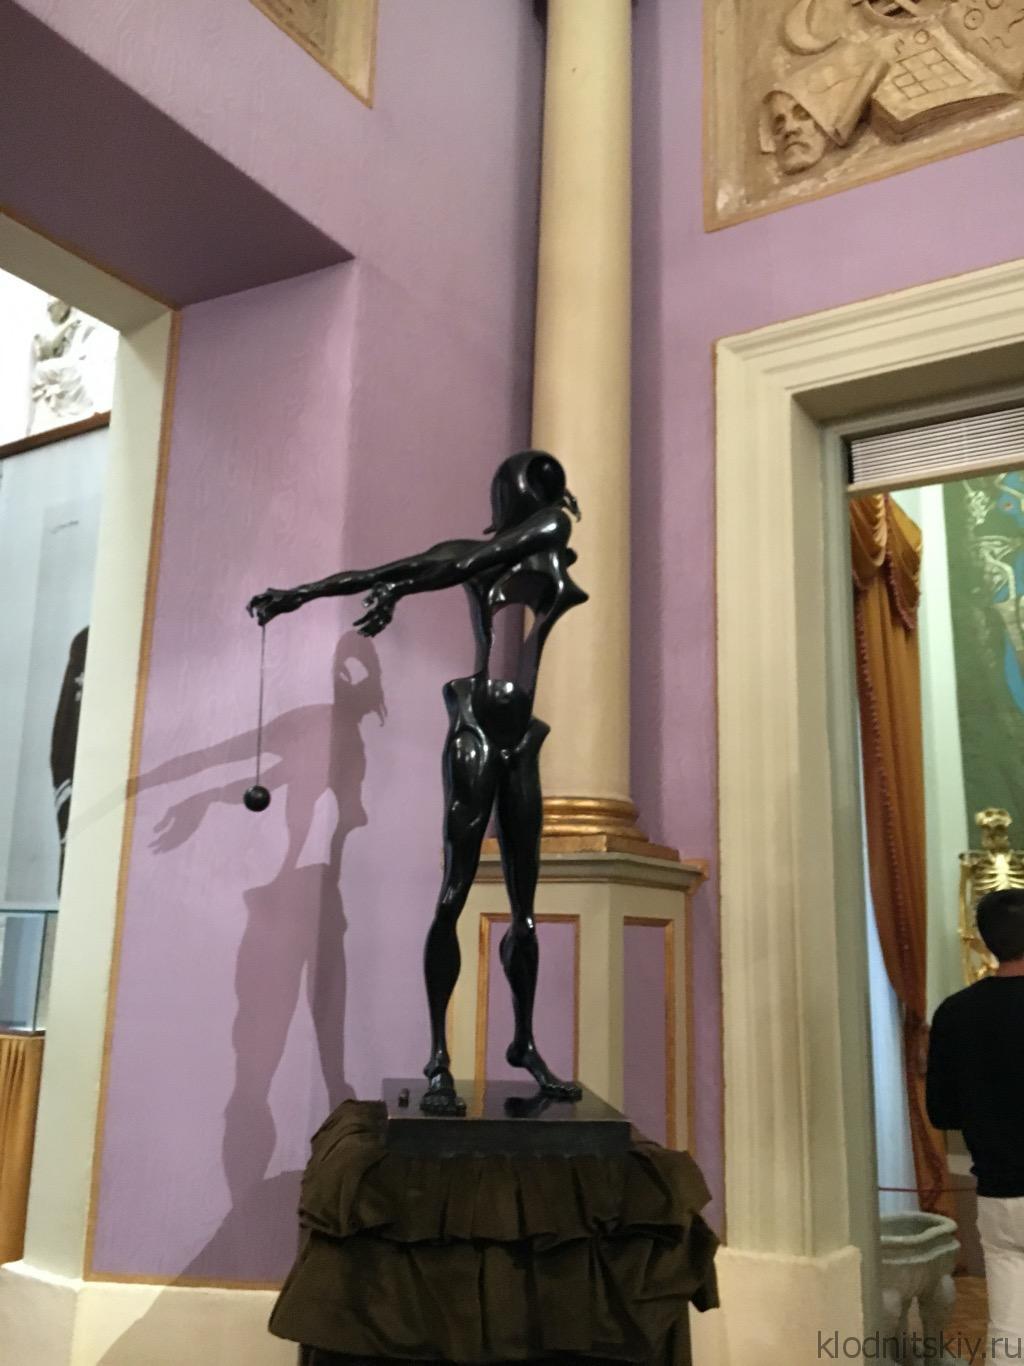 Дом-Музей Сальвадора Дали